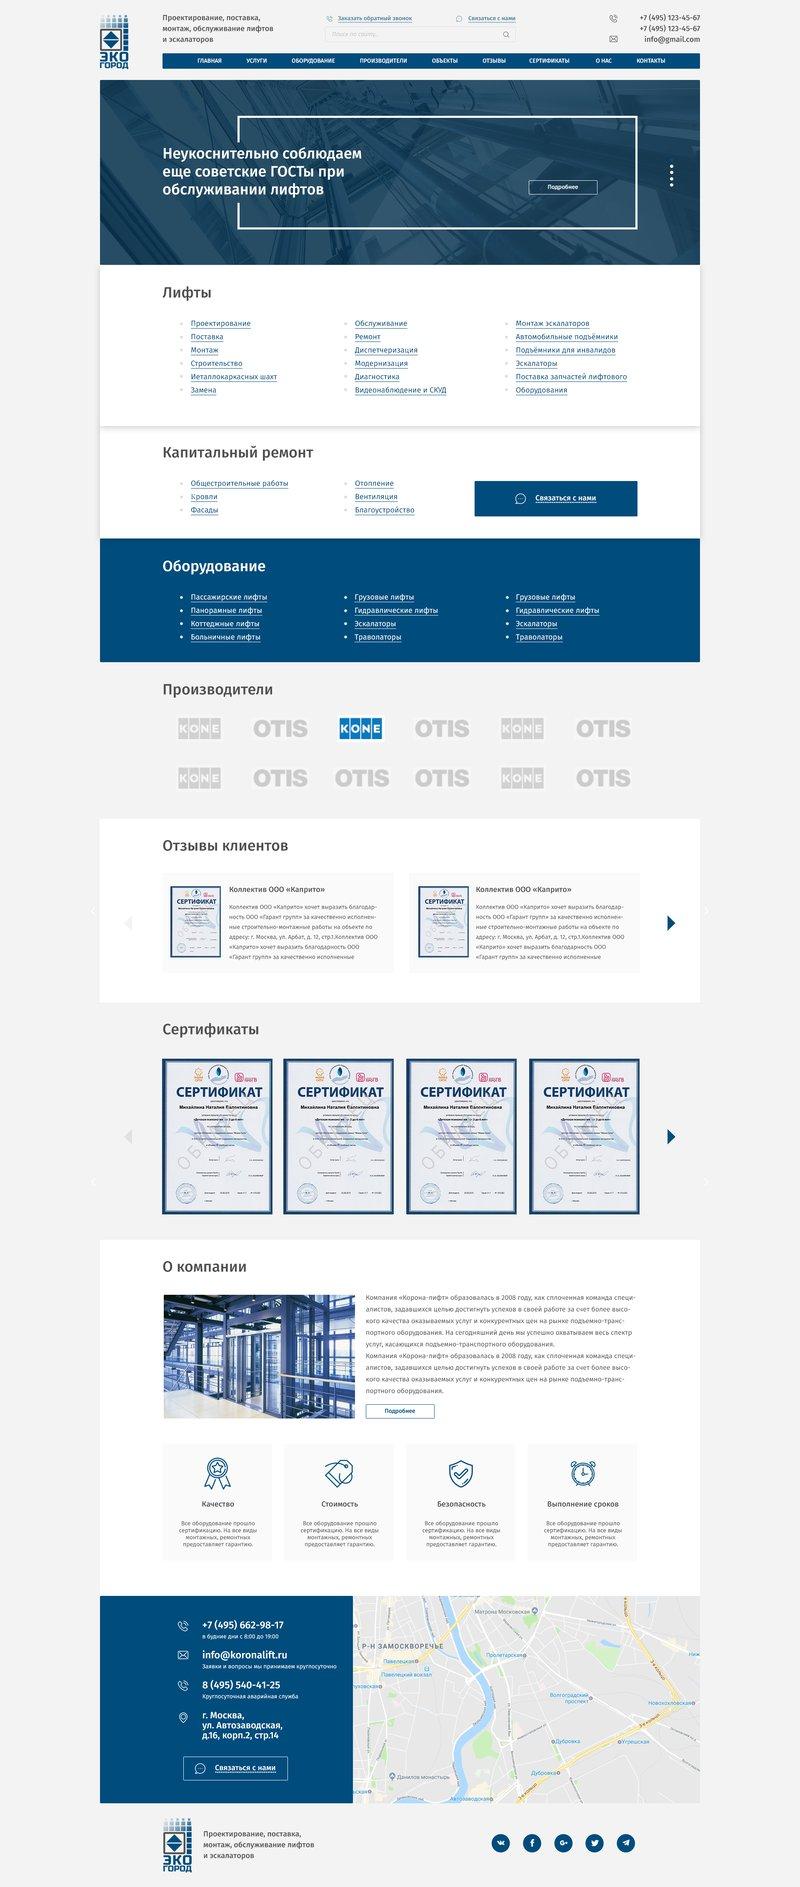 Сайт Экогород – работа в портфолио фрилансера